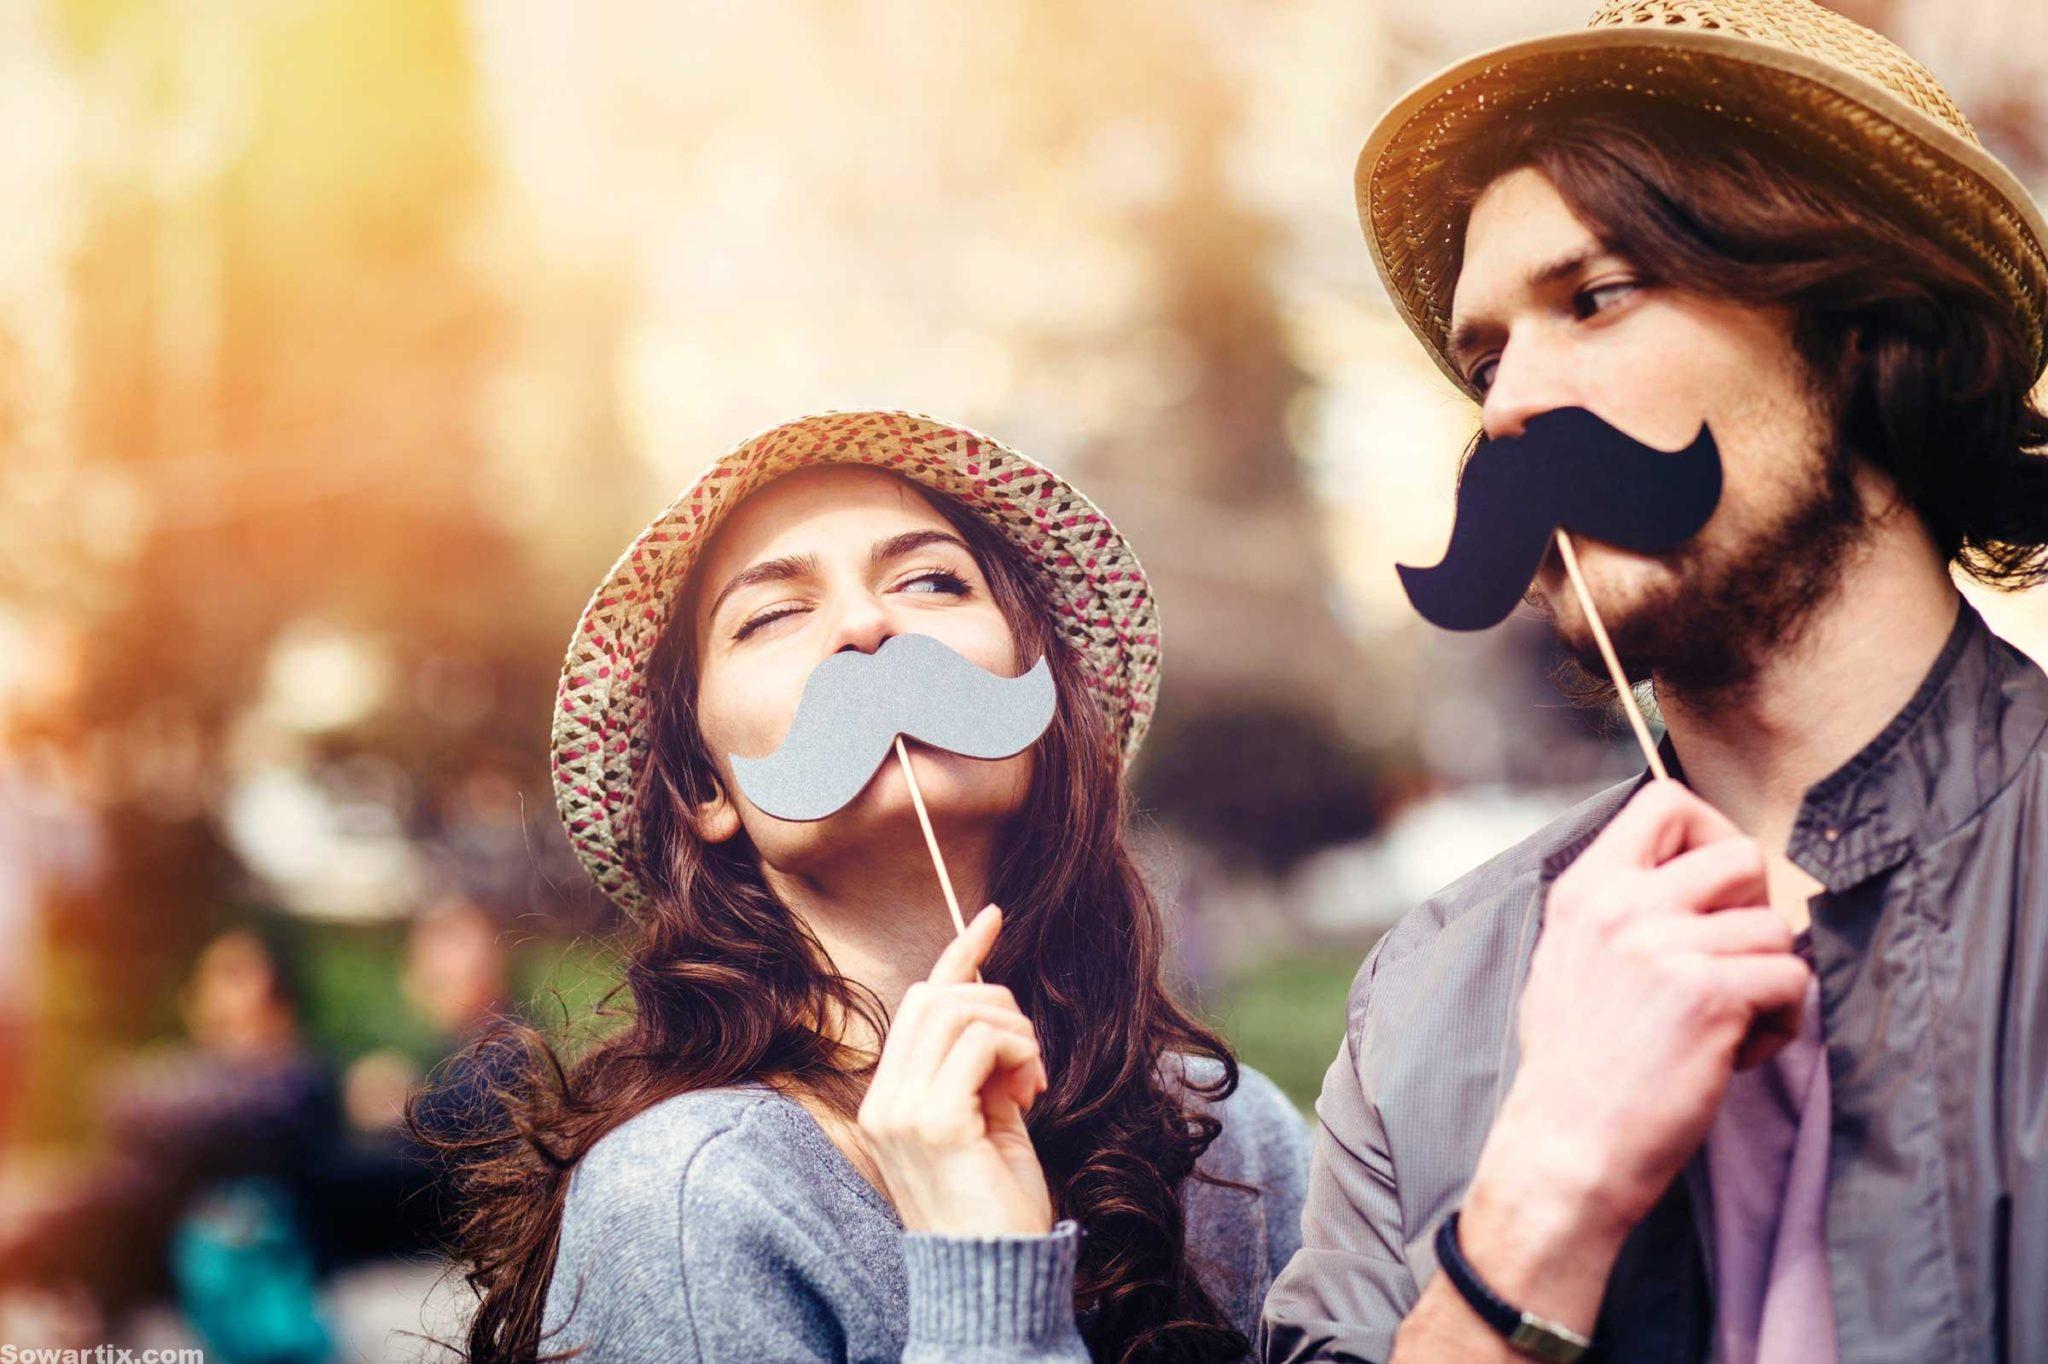 صور تنزيل صور رومانسيه , الرومانسيه واشياء تتطلب ان تفعلها للرومانسيه